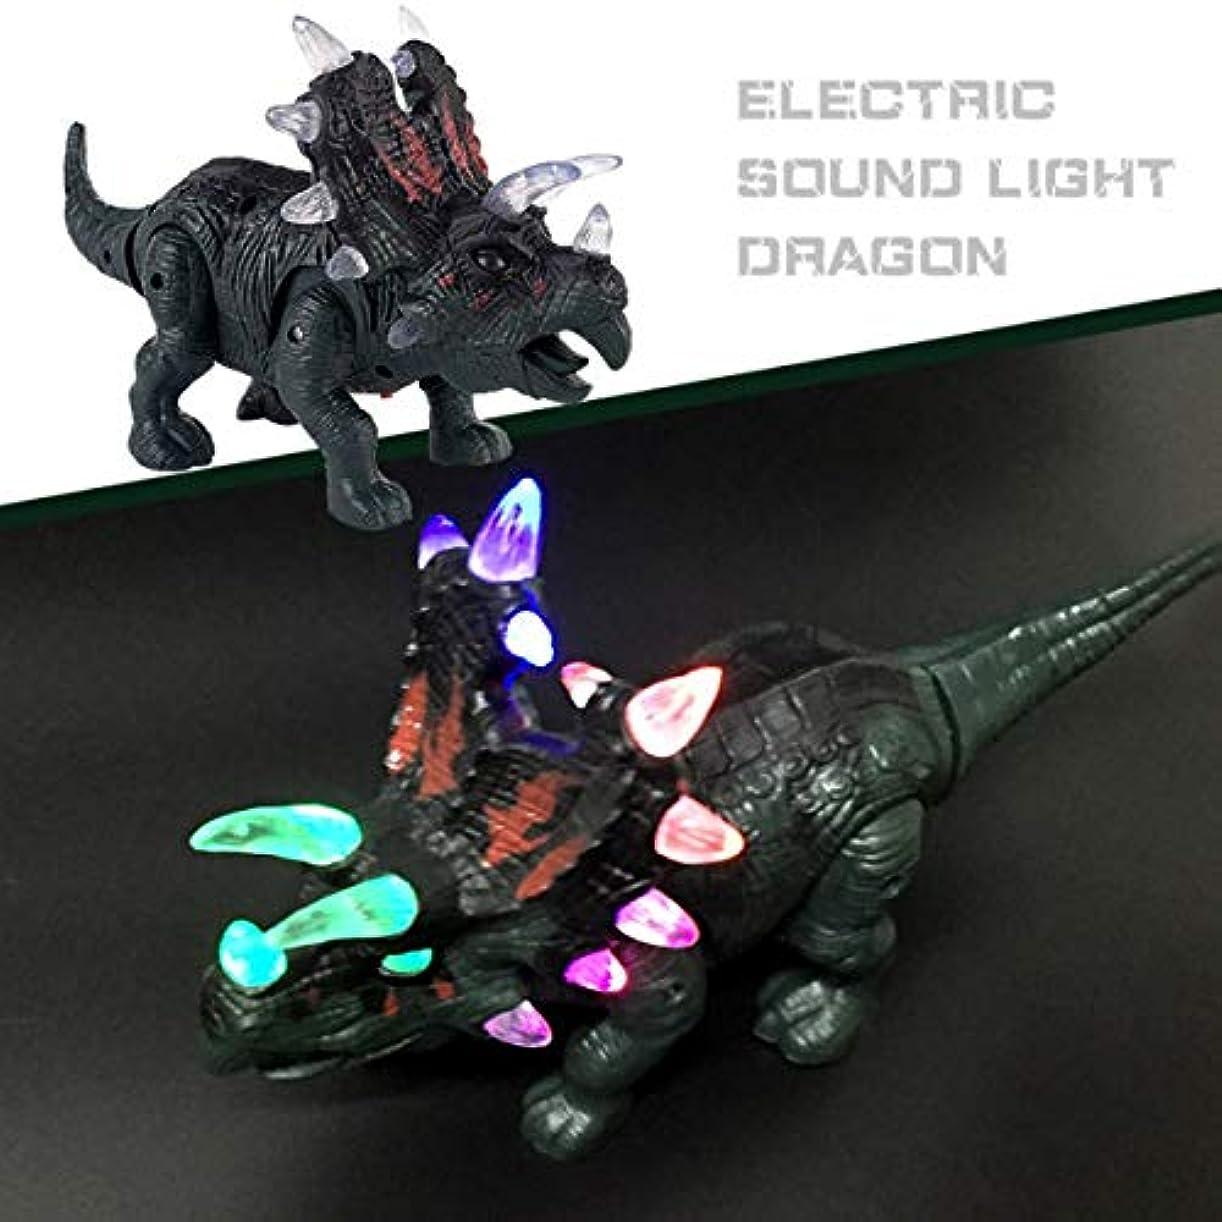 介入する犯す膨張するQuquack 電子恐竜トリケラトプスおもちゃの光+音+ウォーキング模造恐竜子供のおもちゃ誕生日プレゼントサプライズギフト